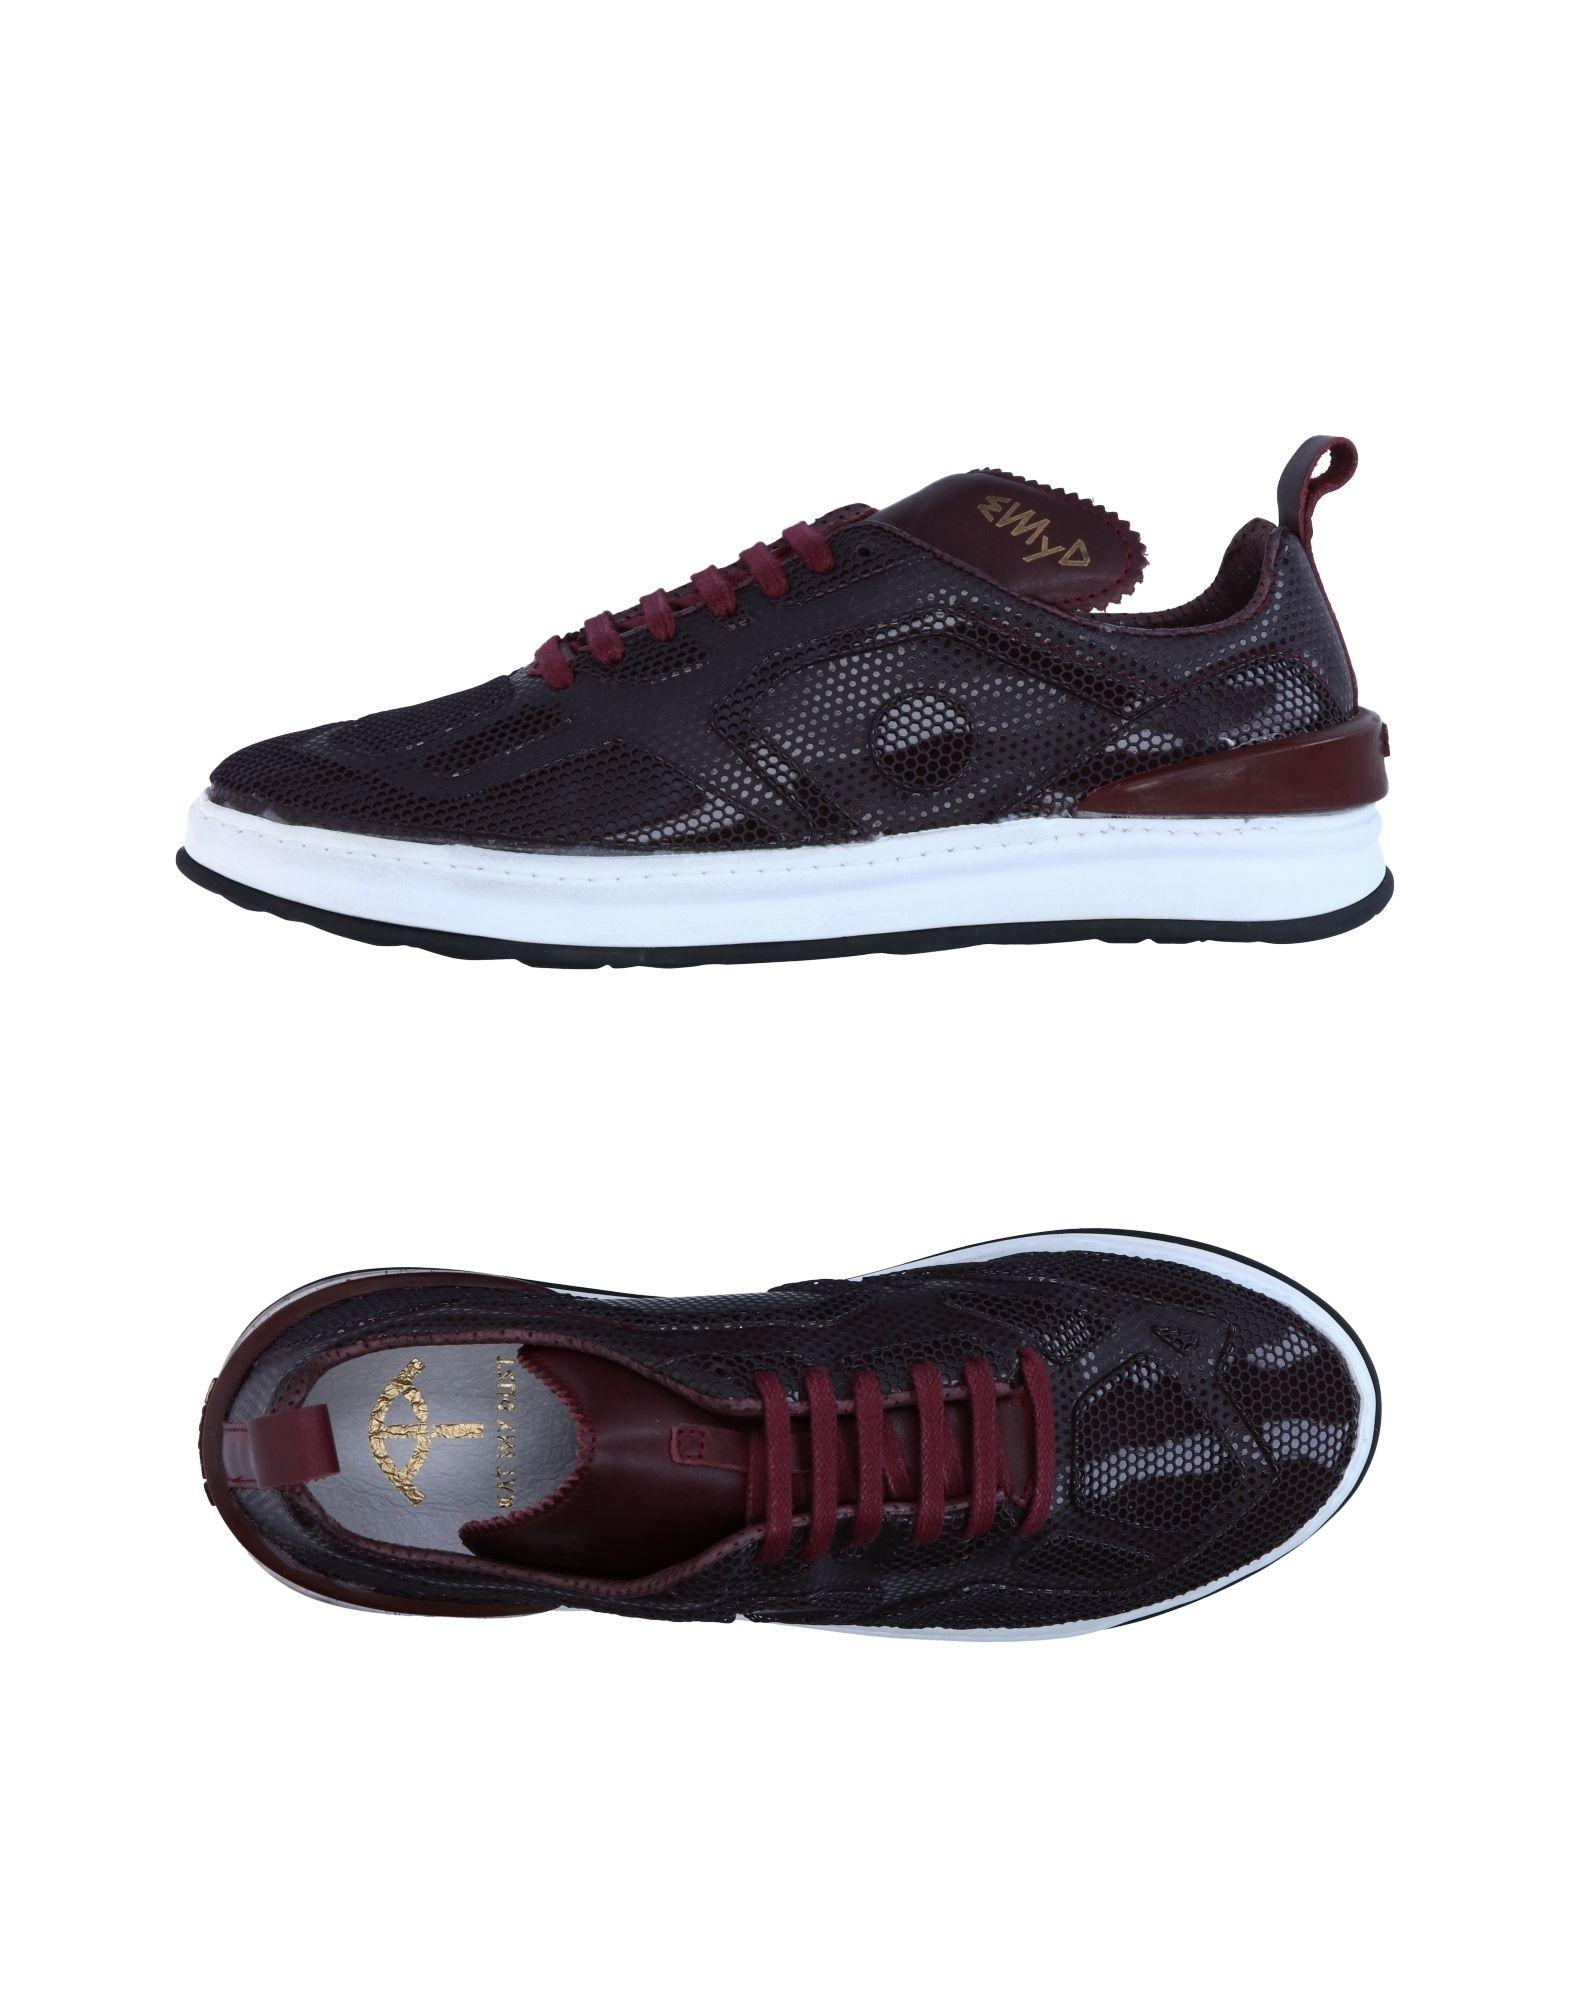 Herren Eat My Dust Sneakers Herren   11262364WP 290035